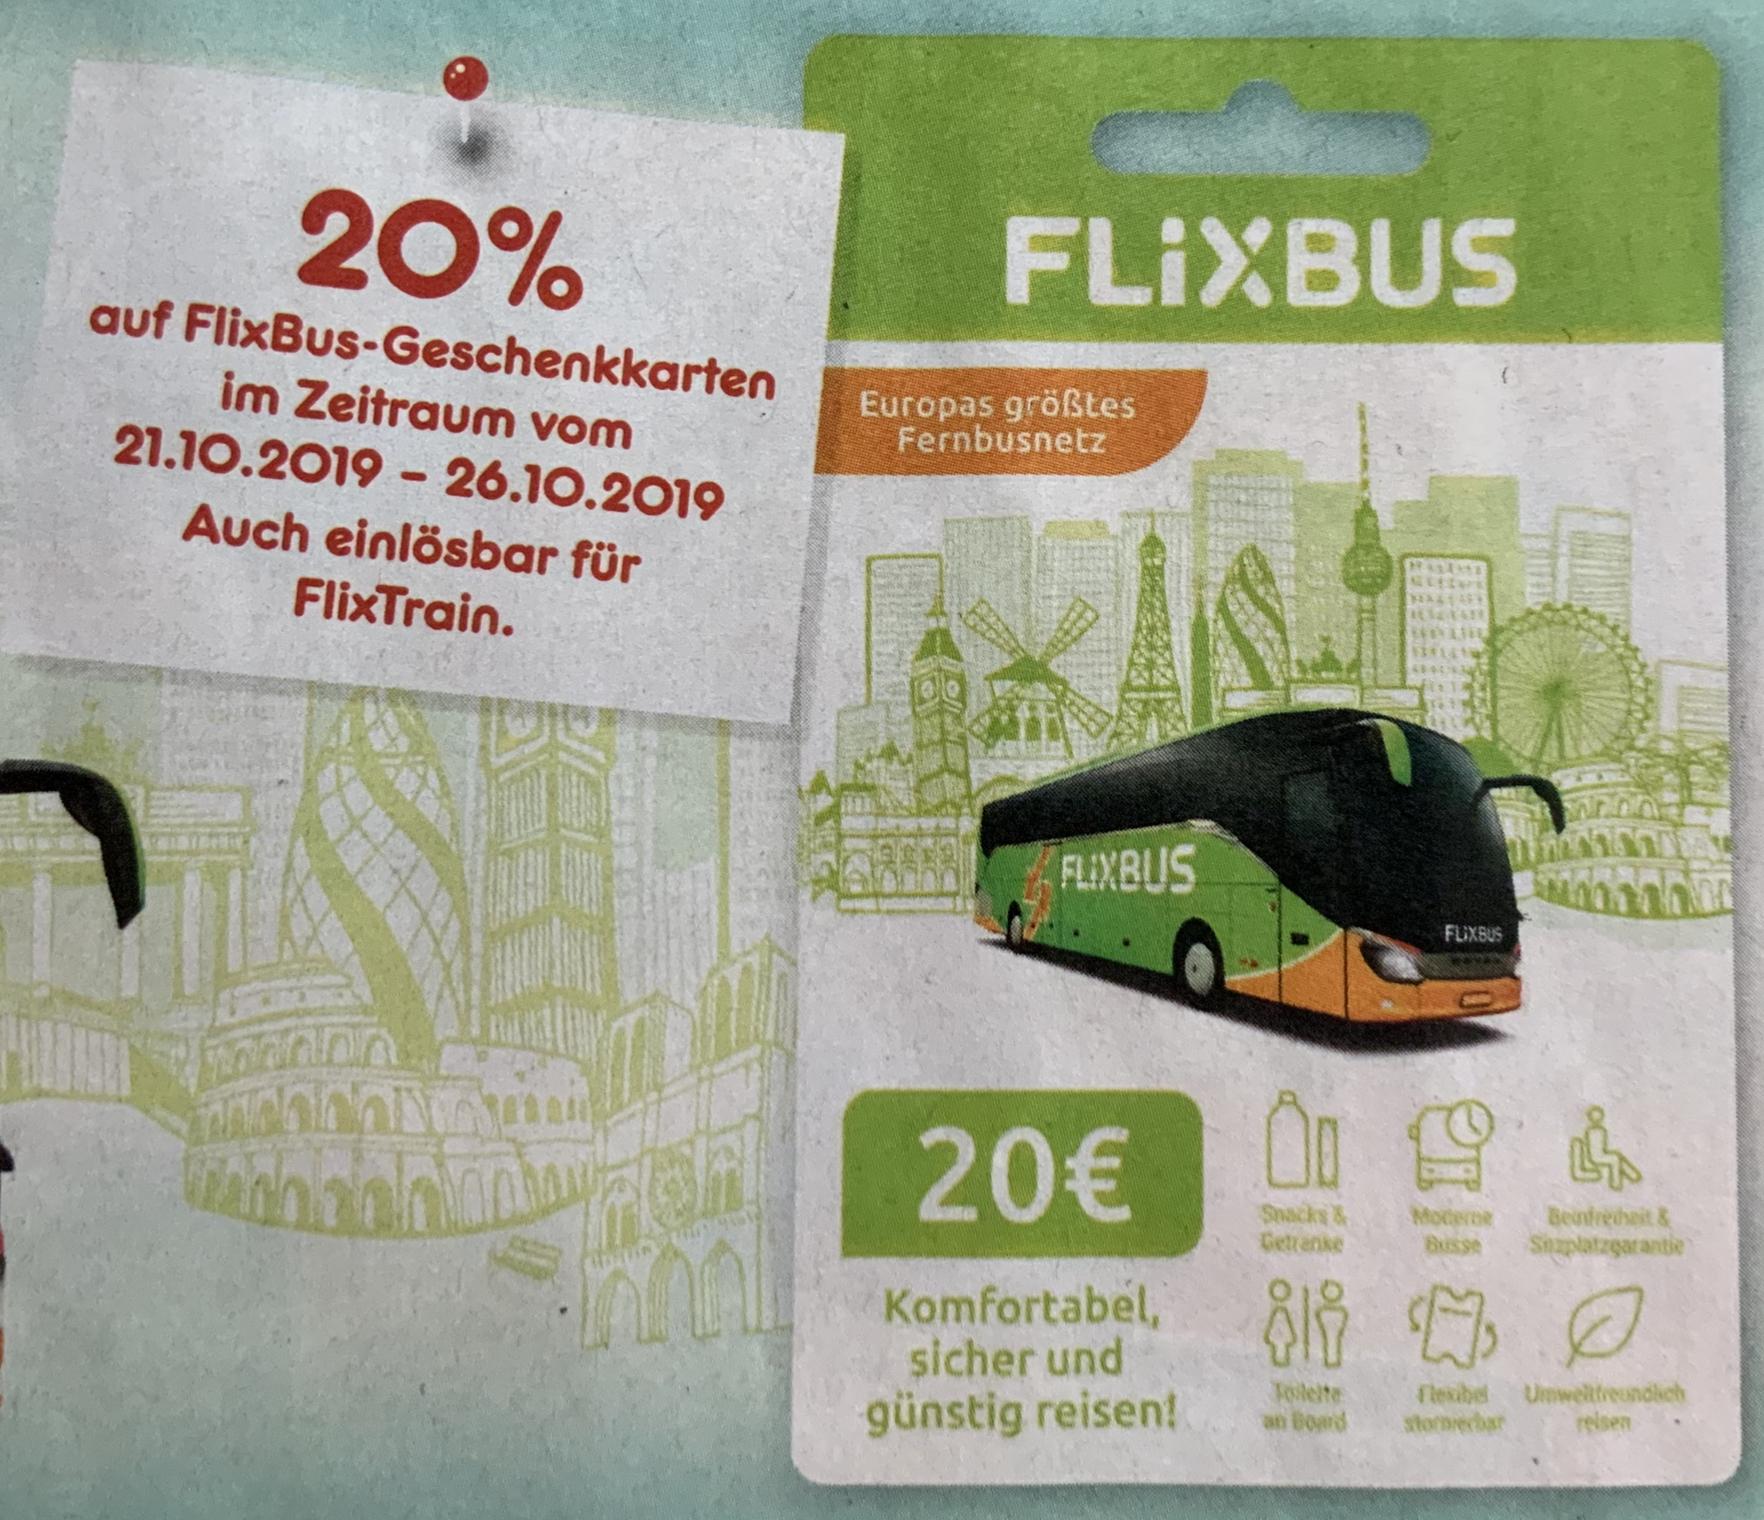 20% Rabatt auf FlixBus Geschenkkarten auch für FlixTrain einlösbar  [Netto Marken-Discount] - ab 21.10.